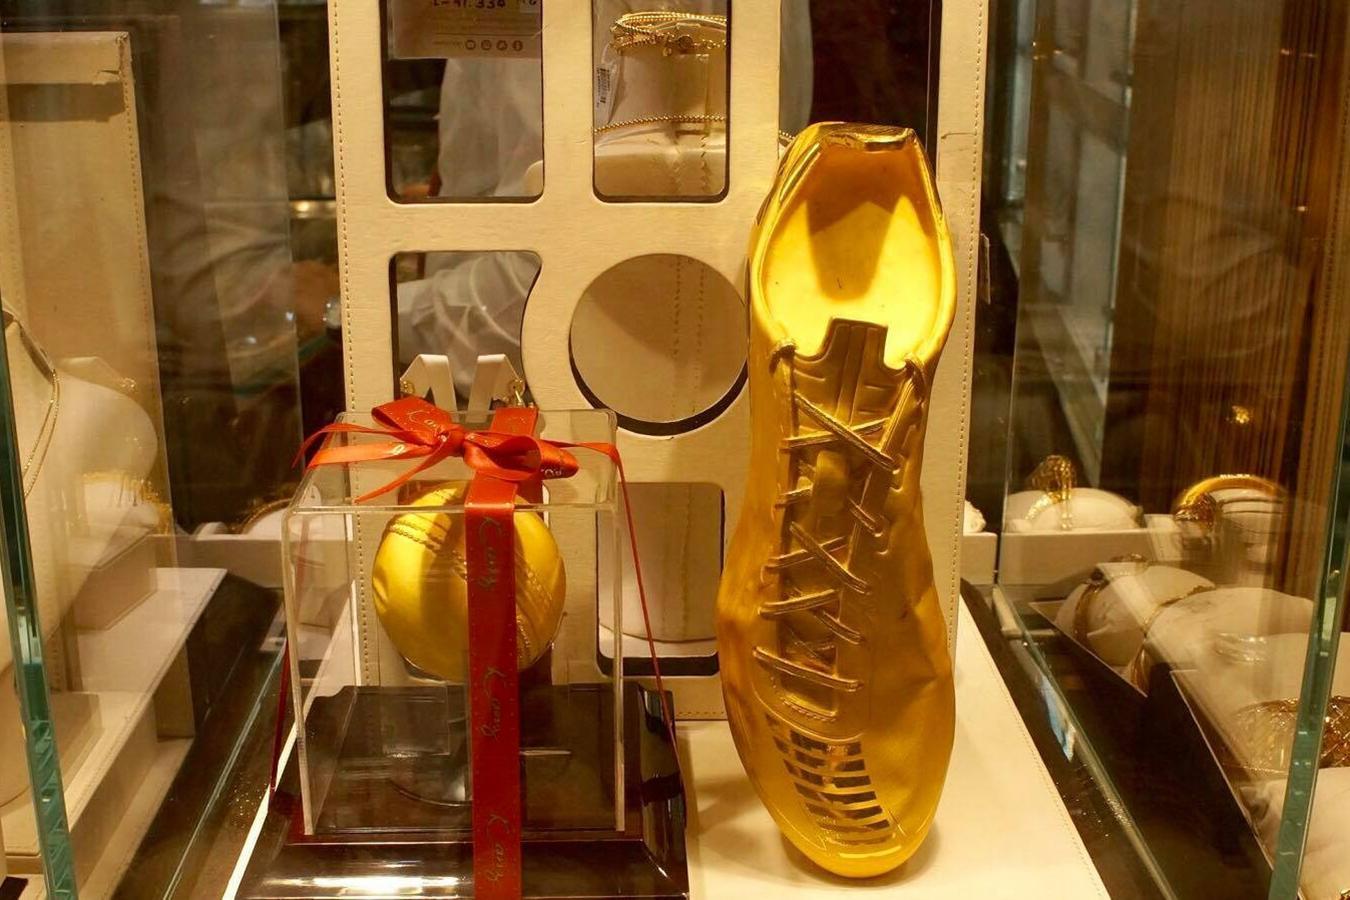 Lóa mắt trước khu chợ toàn bằng vàng ở UAE - Ảnh 5.